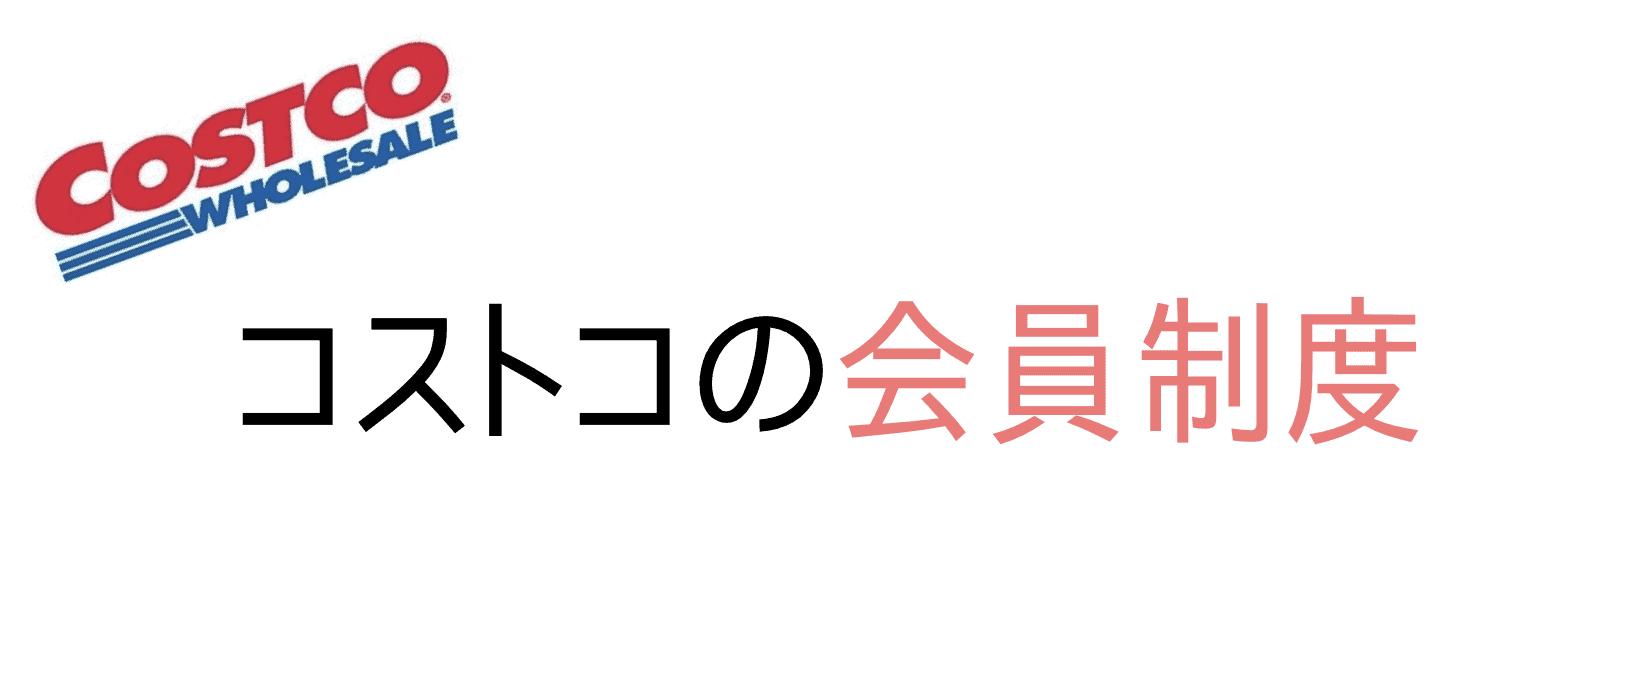 コストコ北九州の会員制度